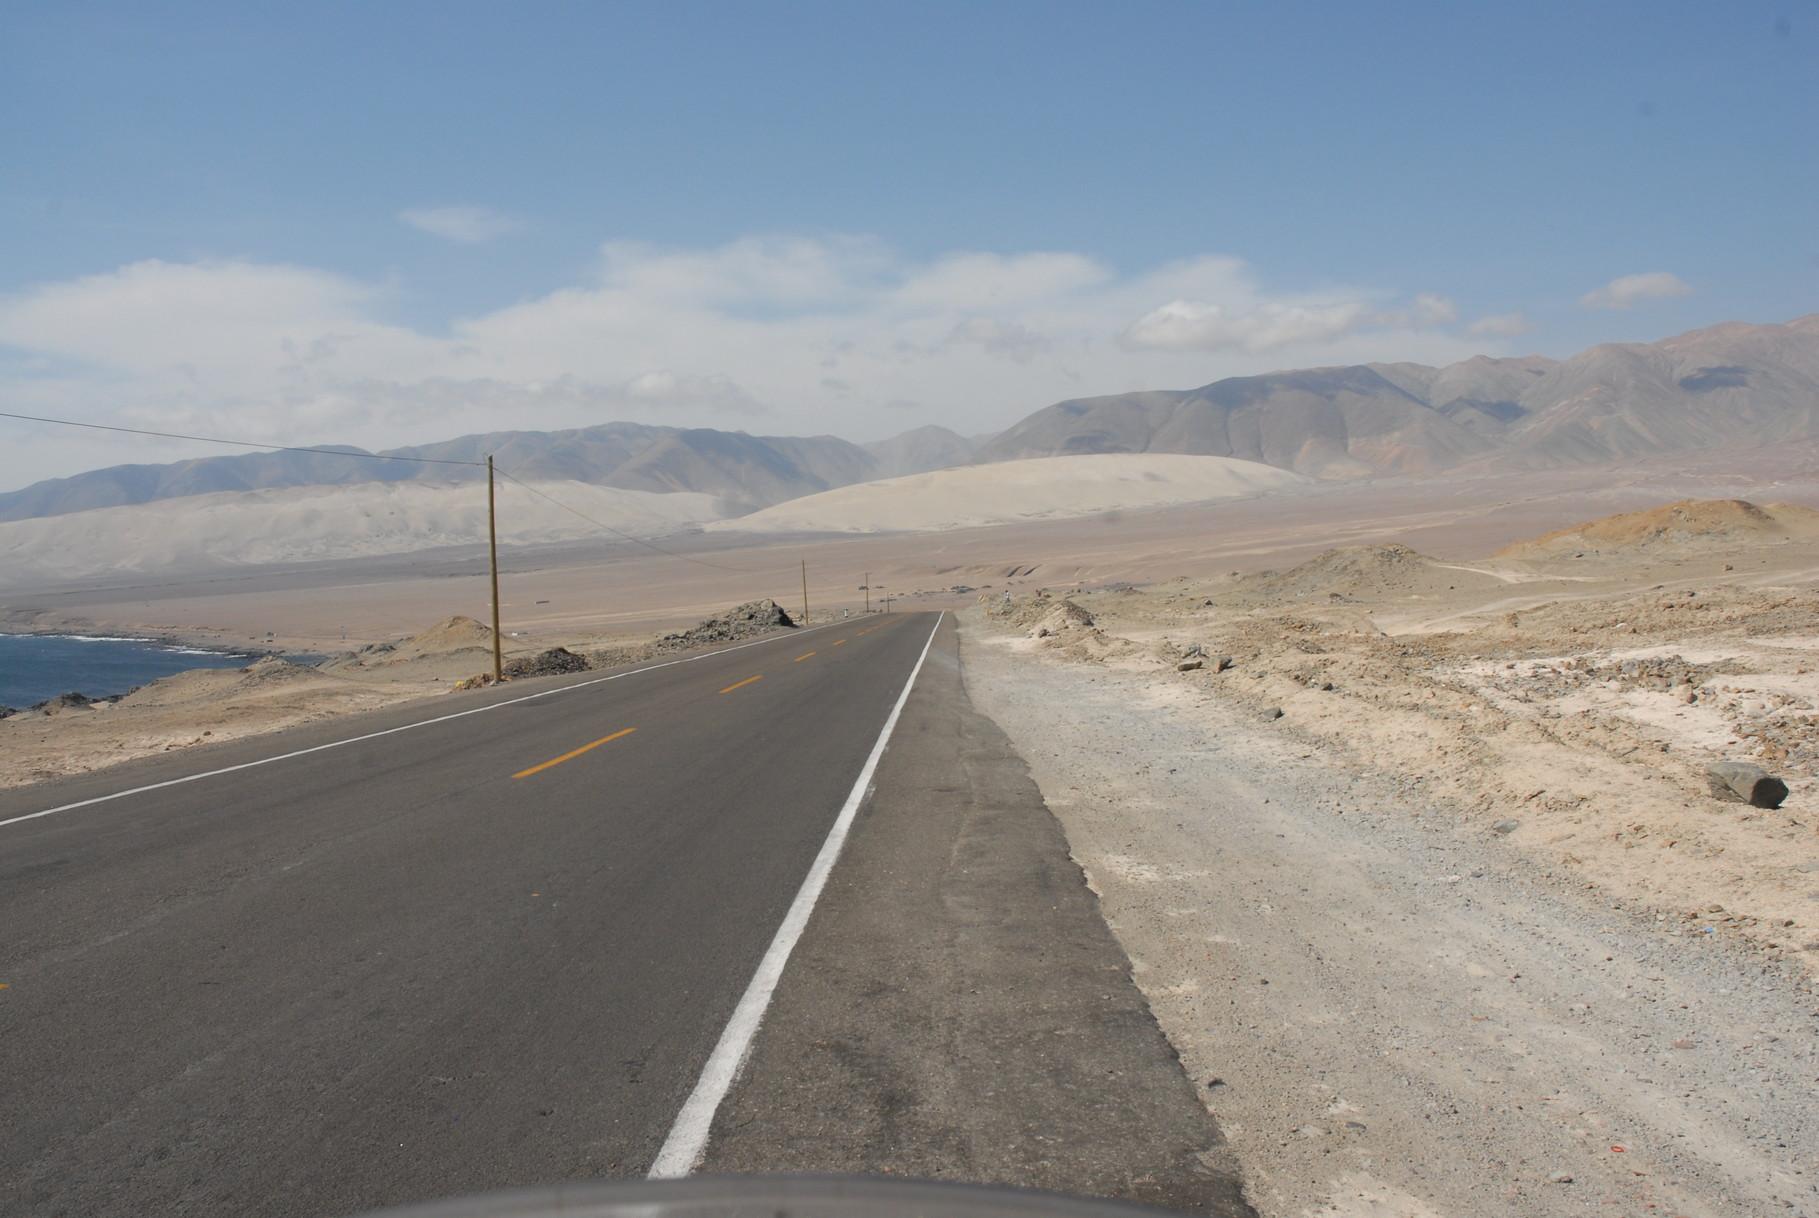 Wieder quer durch die Pampa ... allmählich wird es langweilig ...